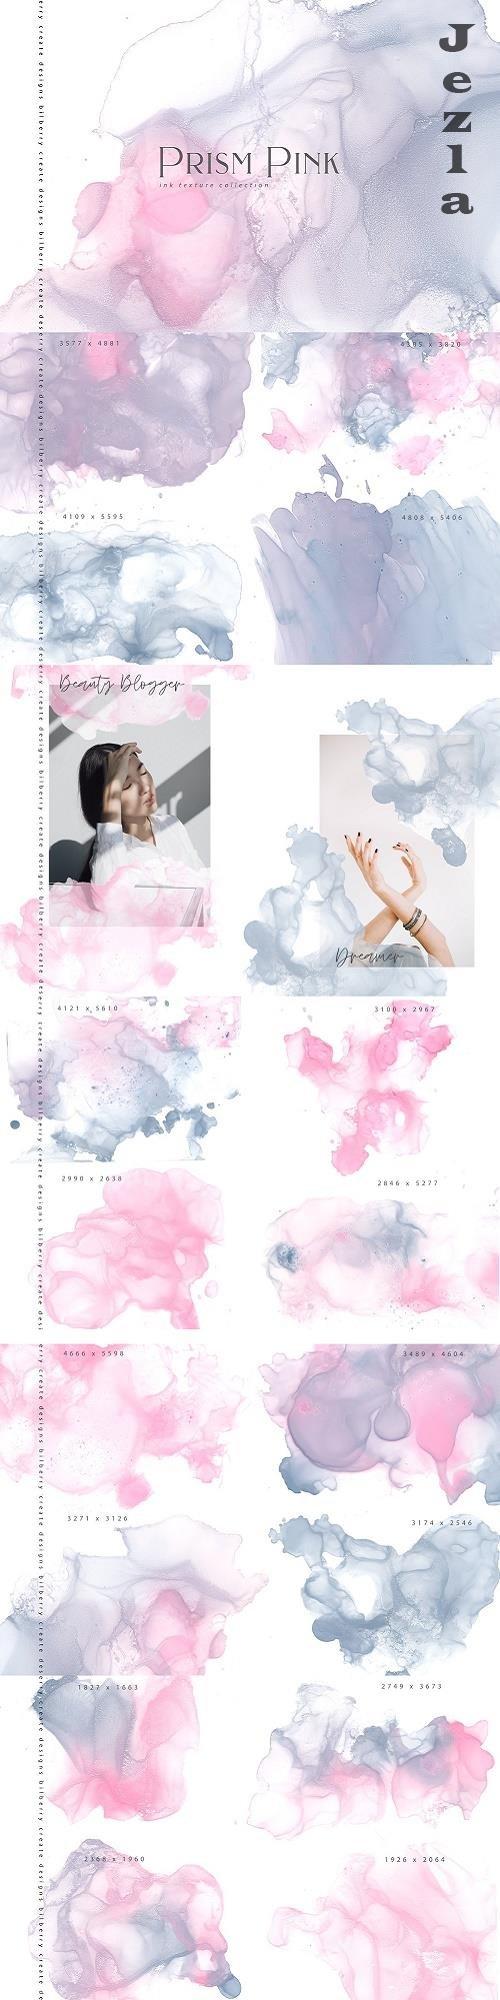 Prism Pink ink textures - 4646450